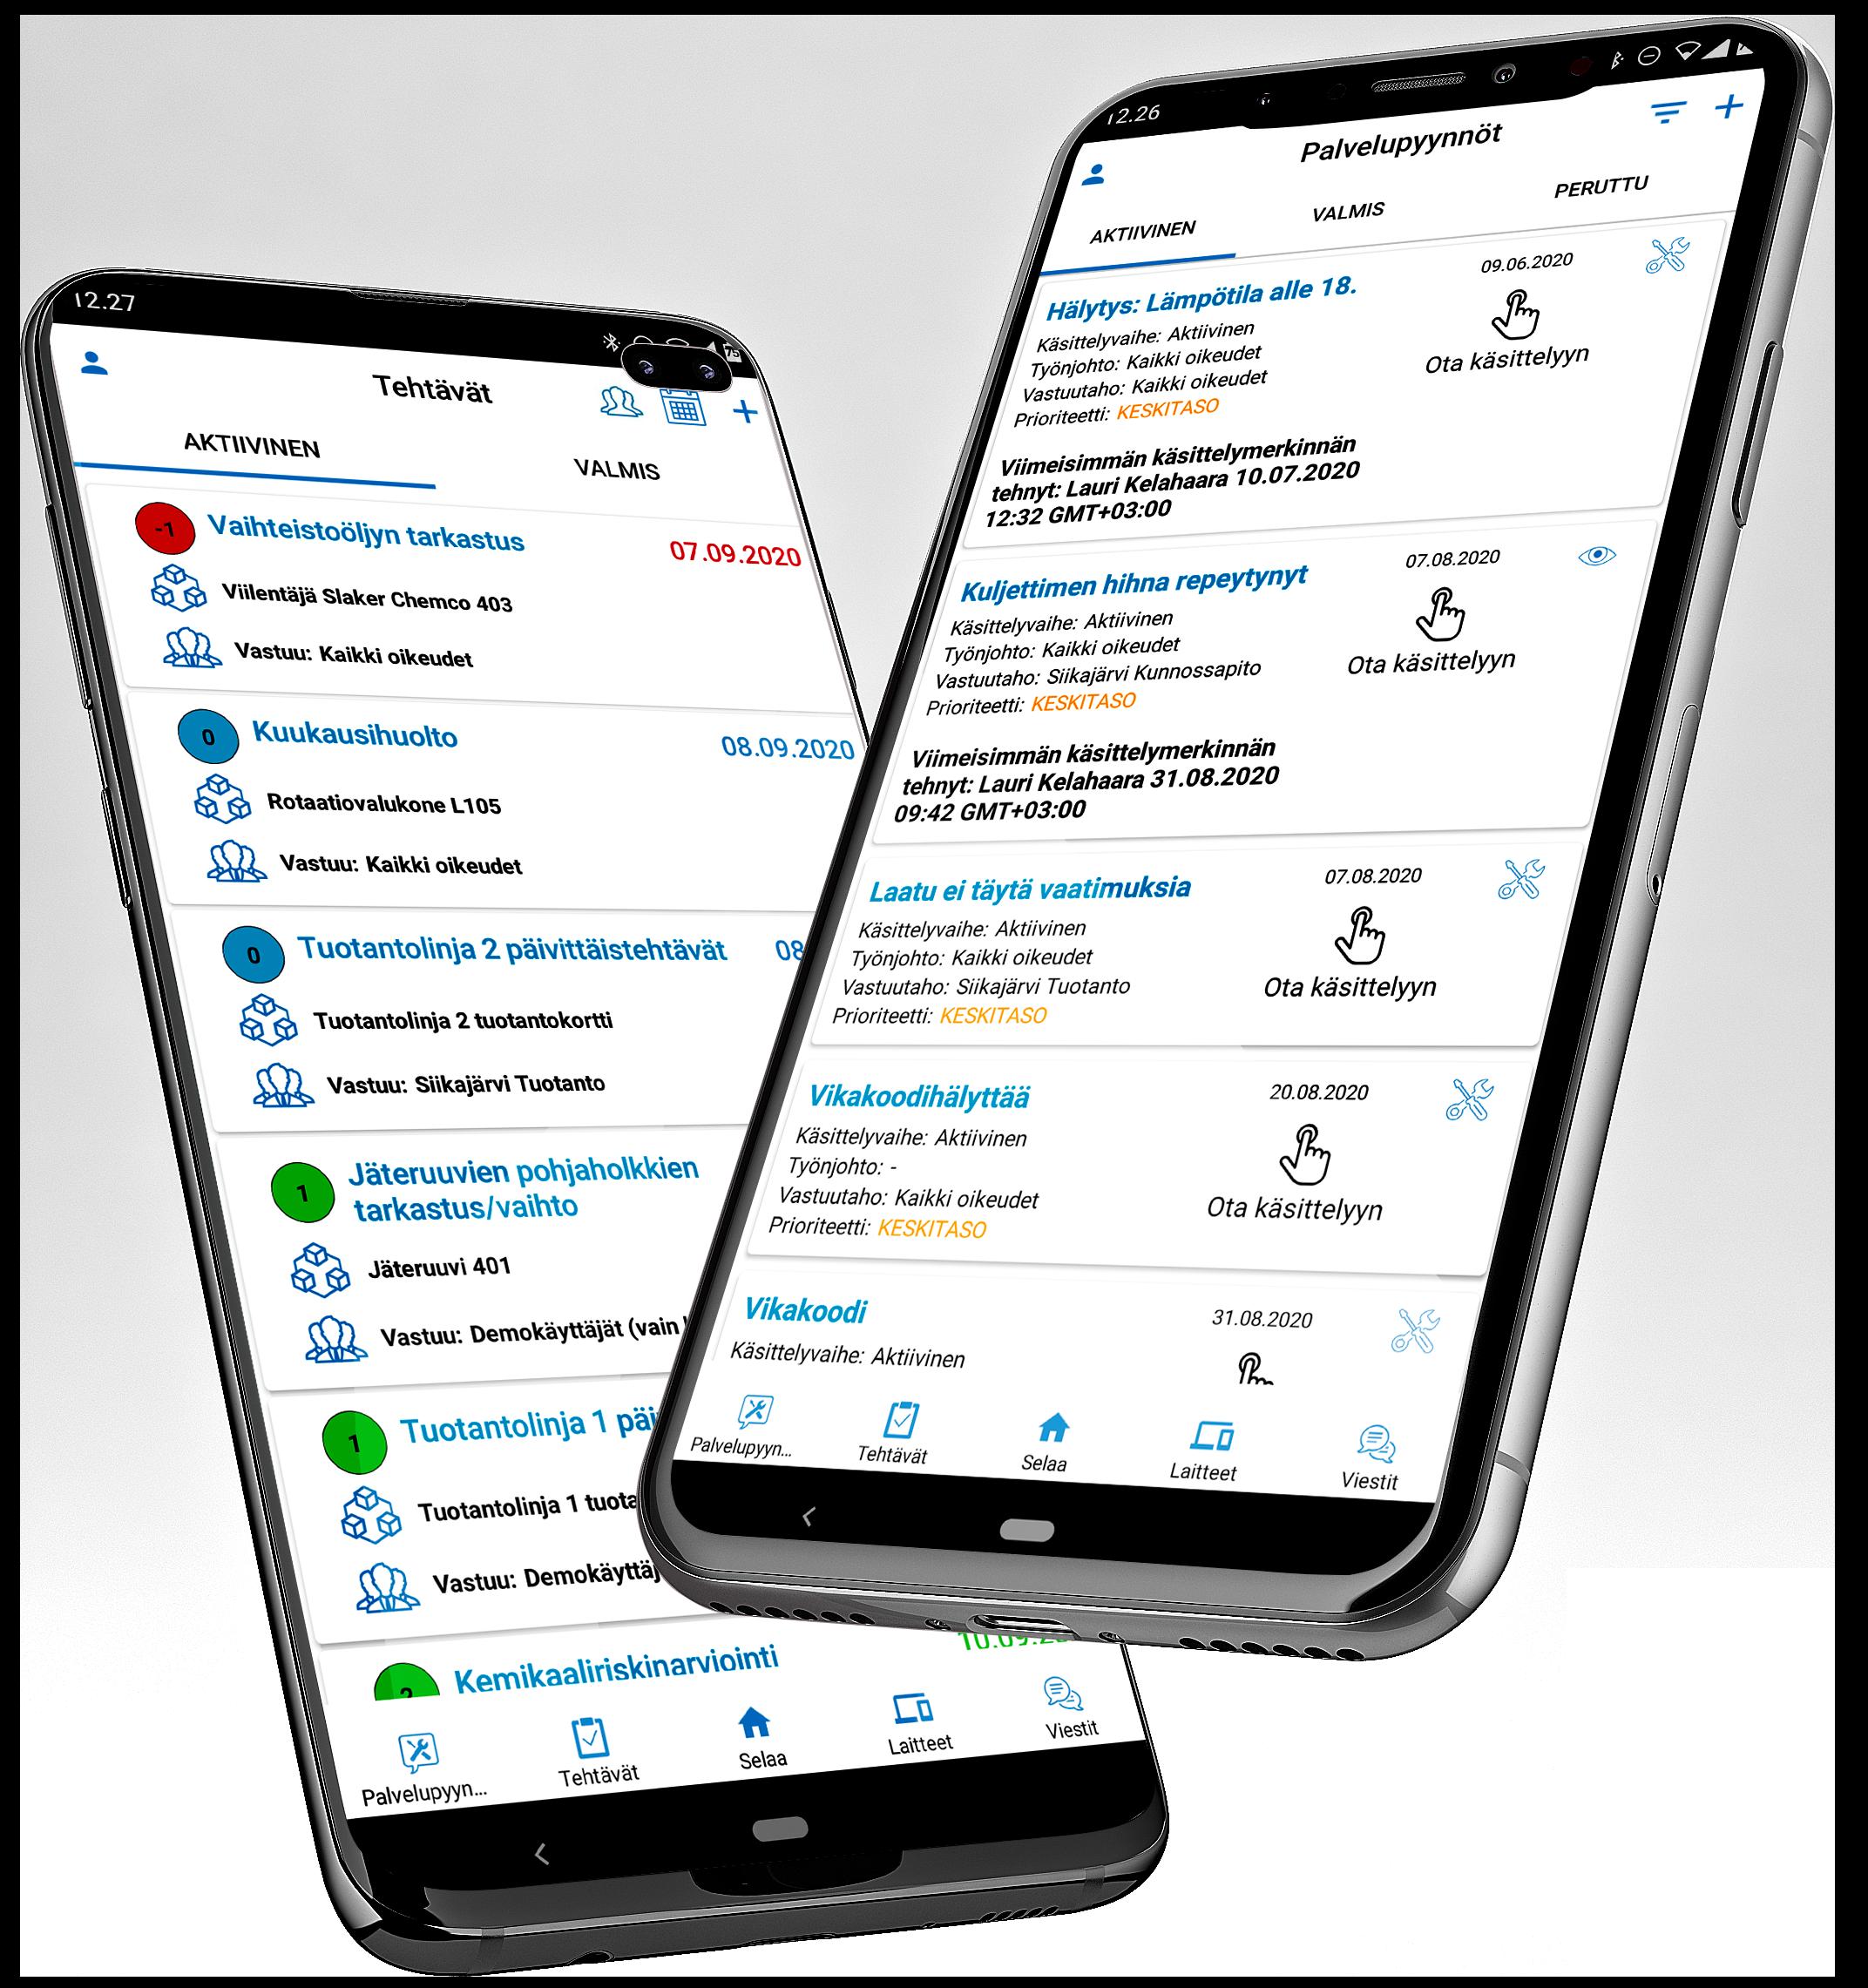 Tehtävät ja palvelupyynnöt mobiilit 2